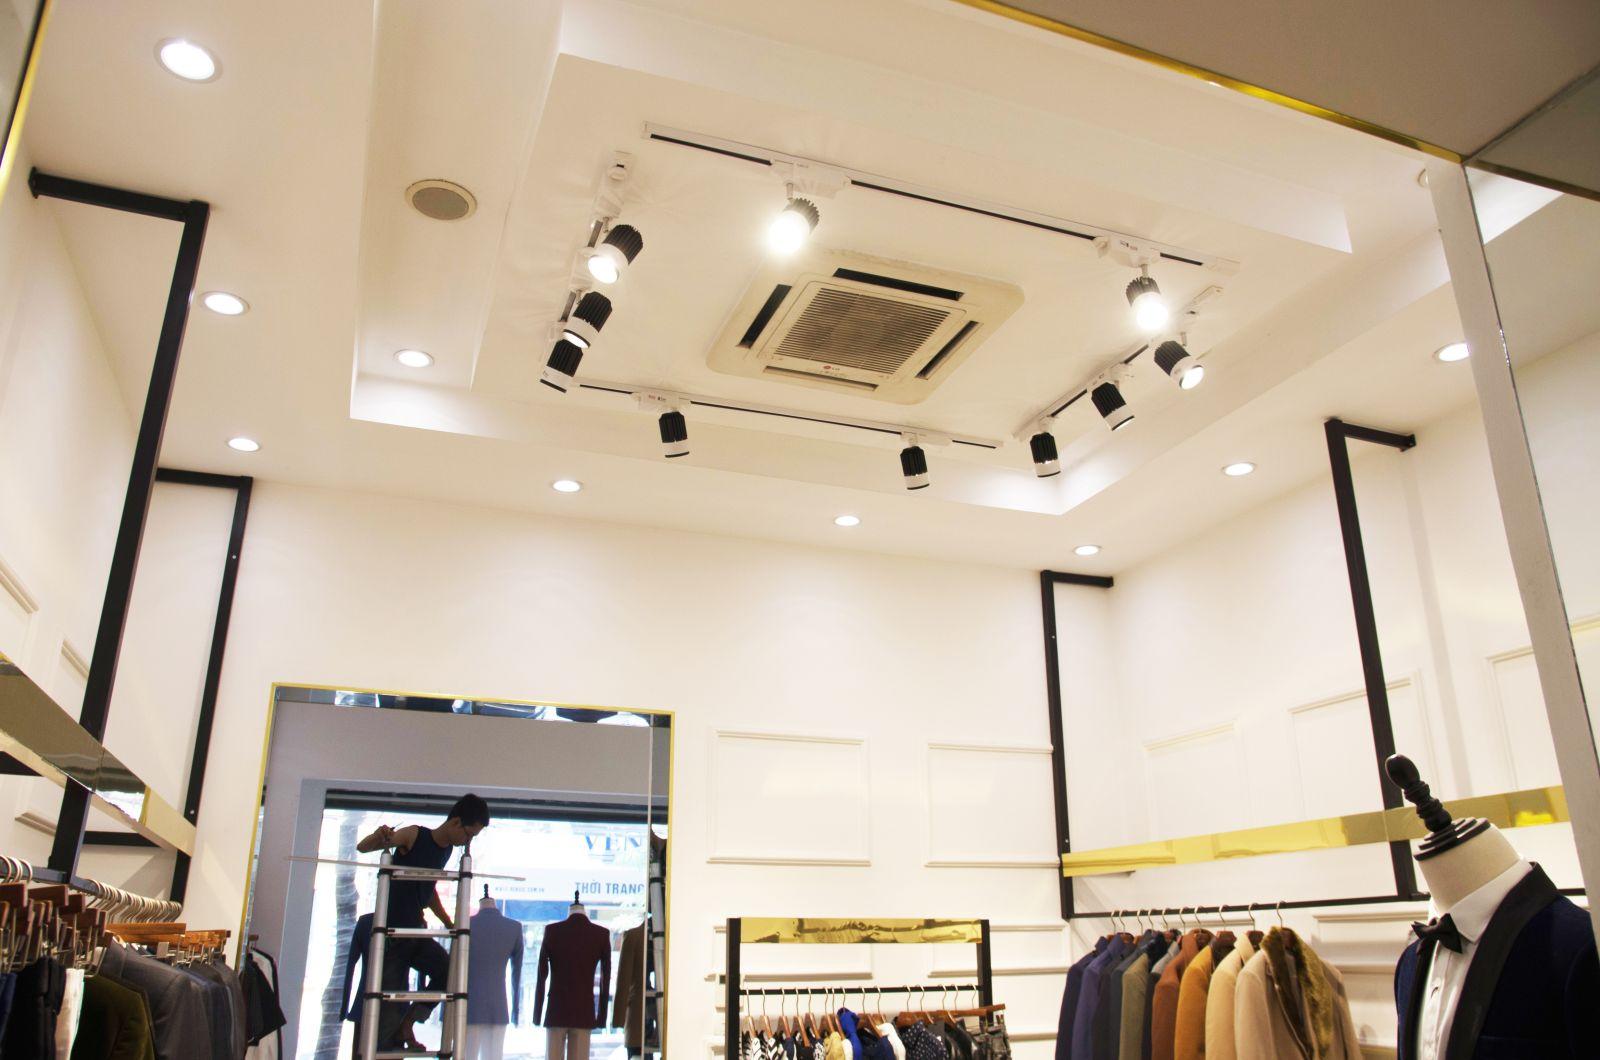 den am tran va den roi - Kinh nghiệm chọn đèn Led cho Shop quần áo tốt nhất.